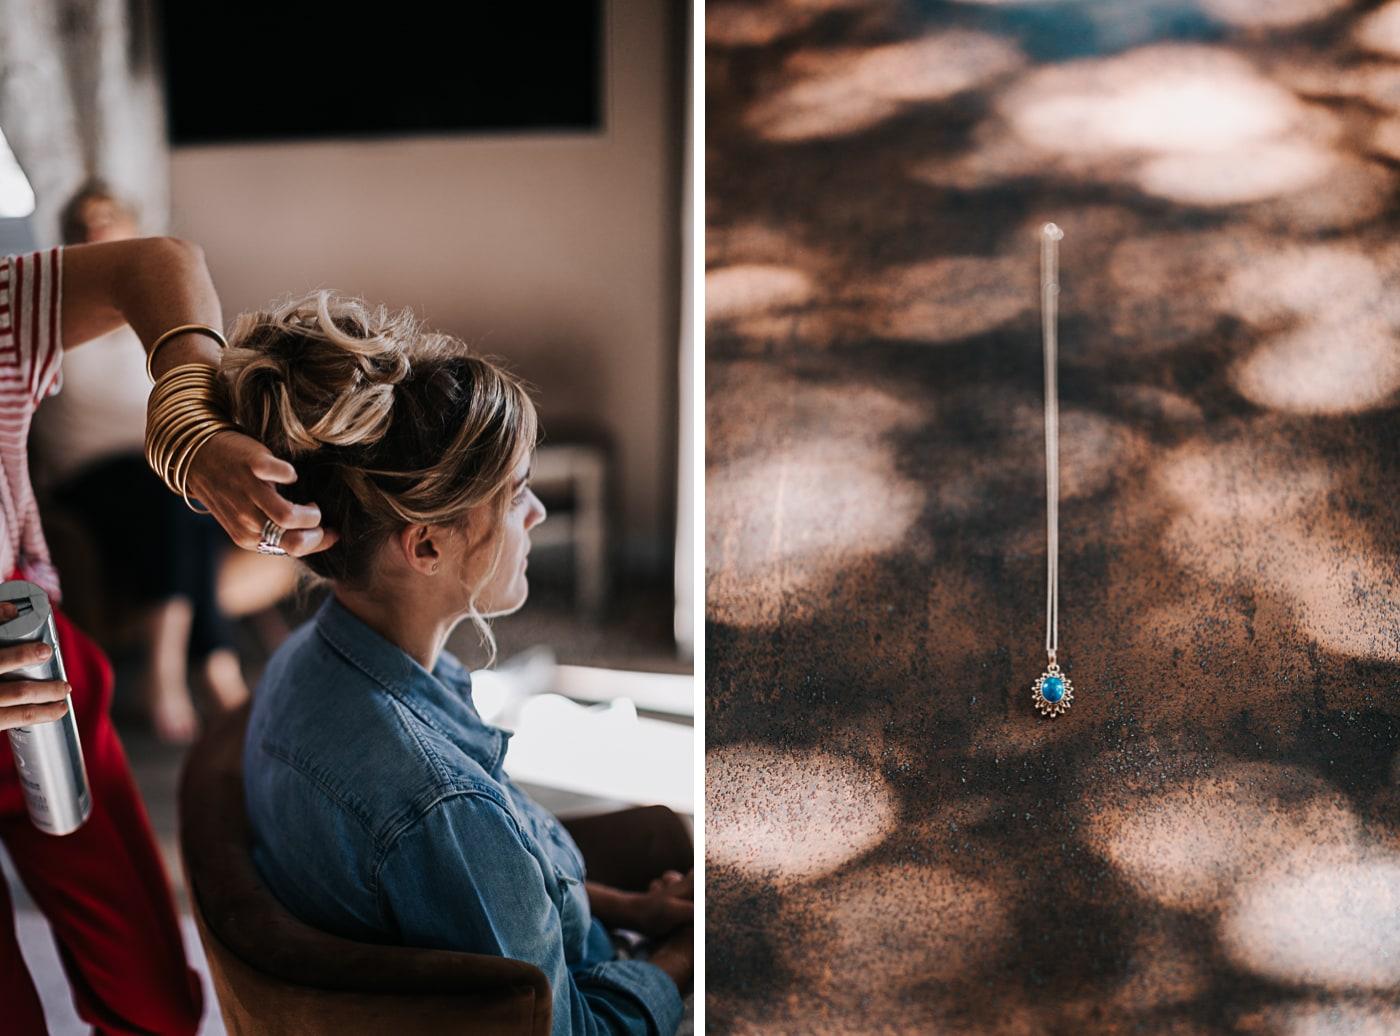 Bijoux et coiffure de la mariée par Falling In Love au Château Latour Vaucros par Delphine Closse